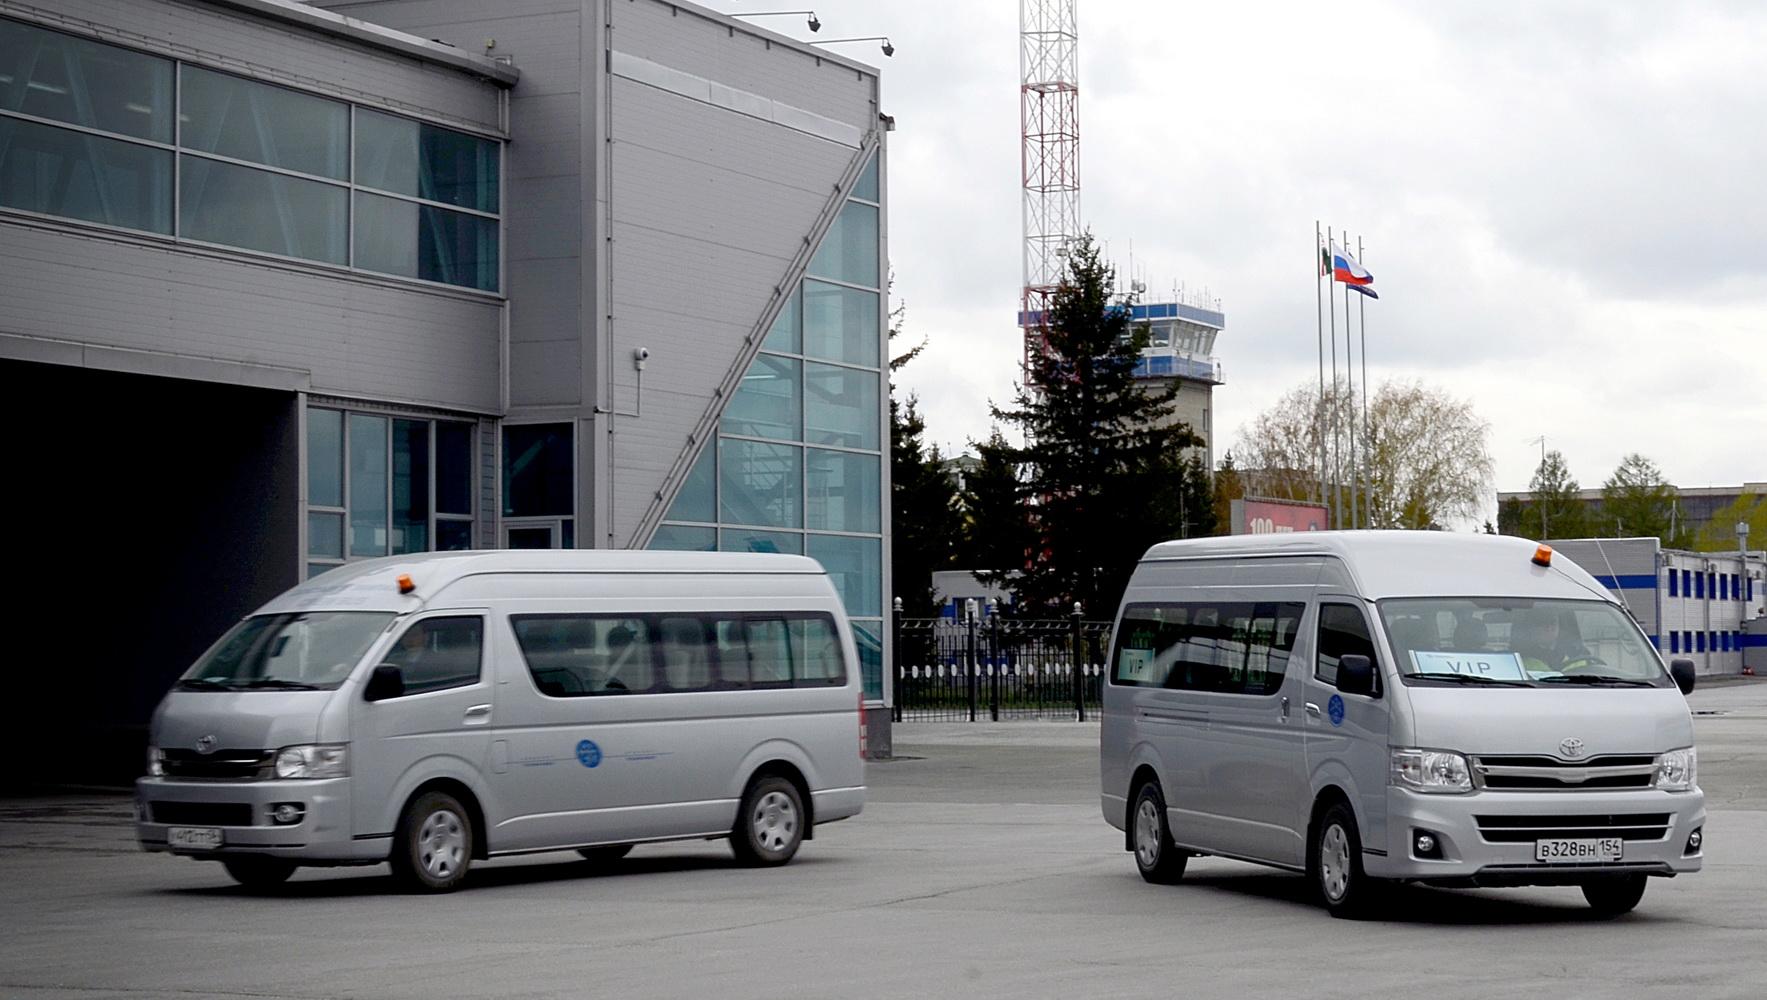 Онлайн табло Емельяново международный аэропорт